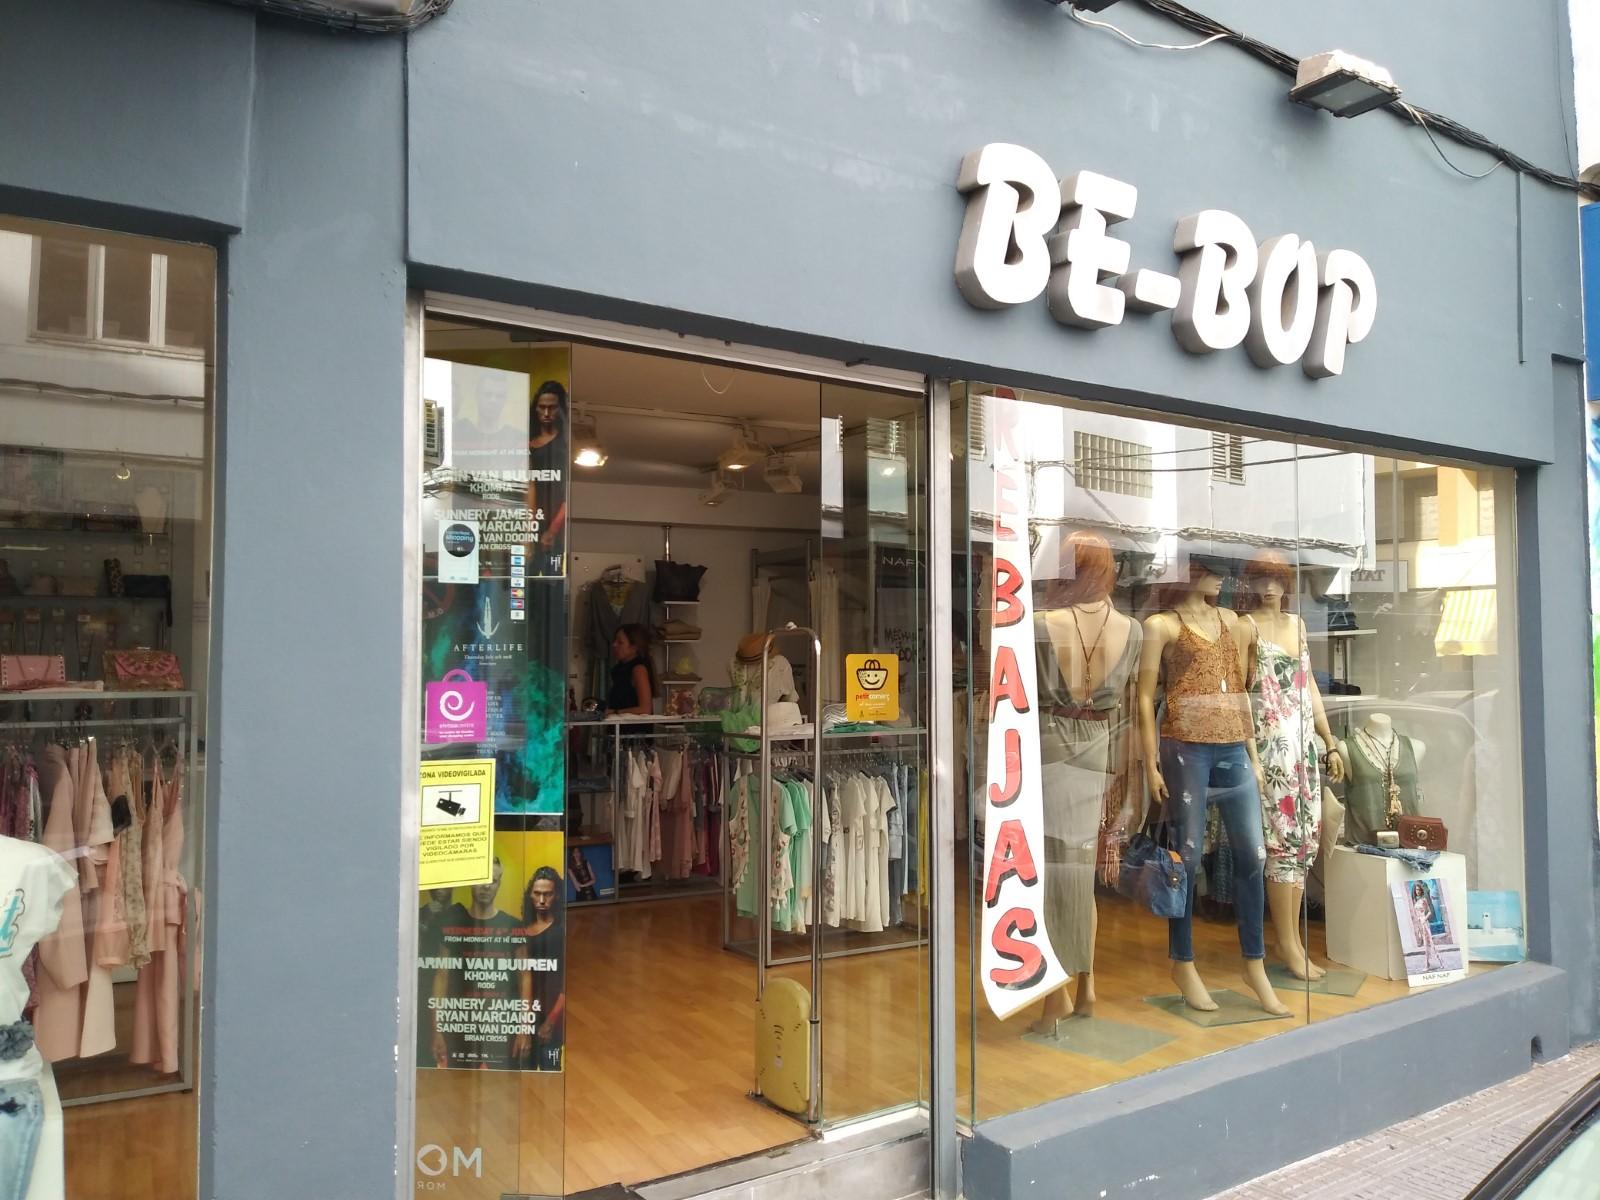 Logo comerç BE BOP